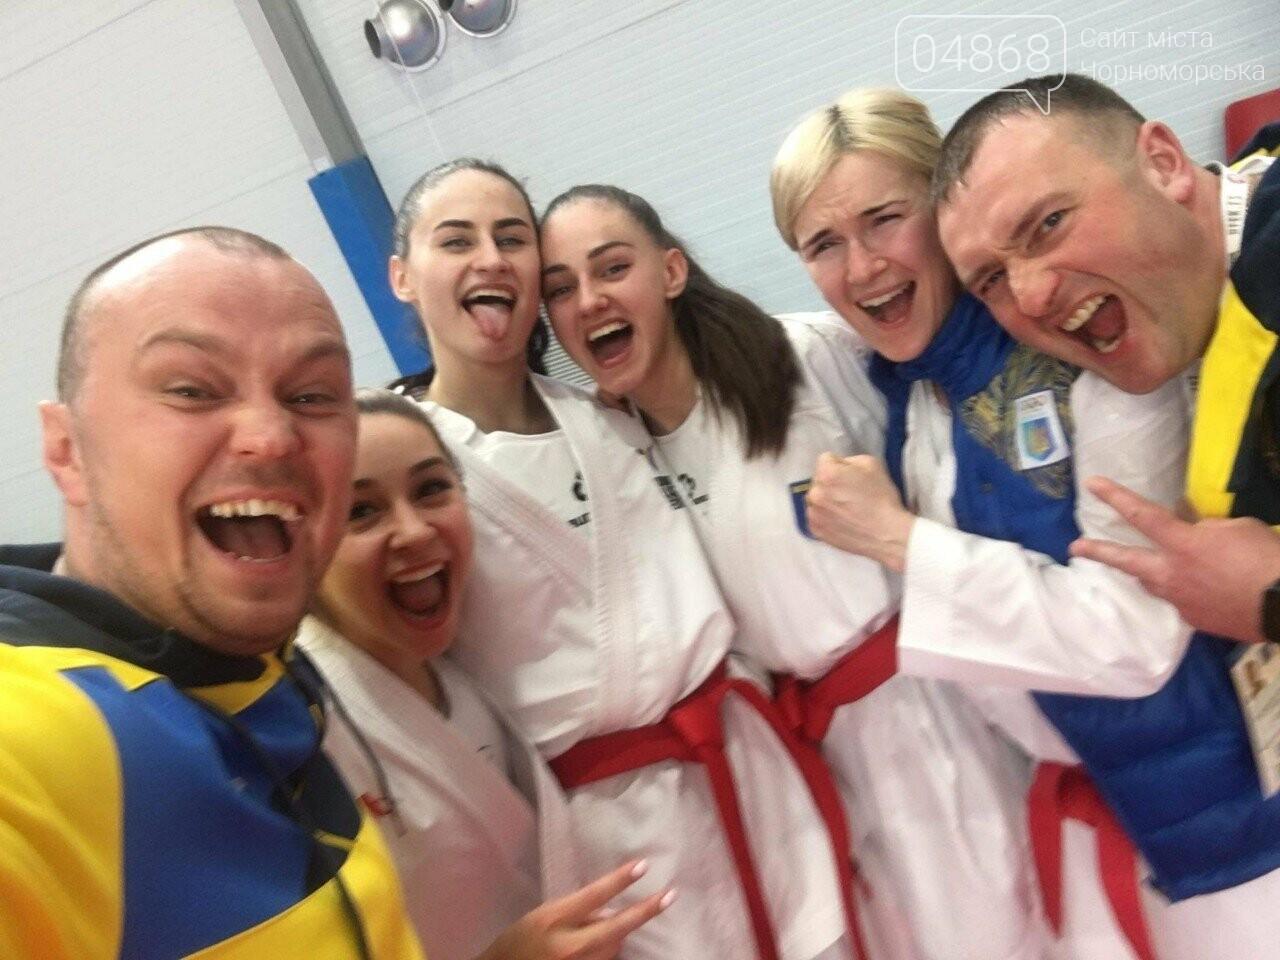 Сборная Украины по карате вышла в финал Чемпионата Европы, фото-3